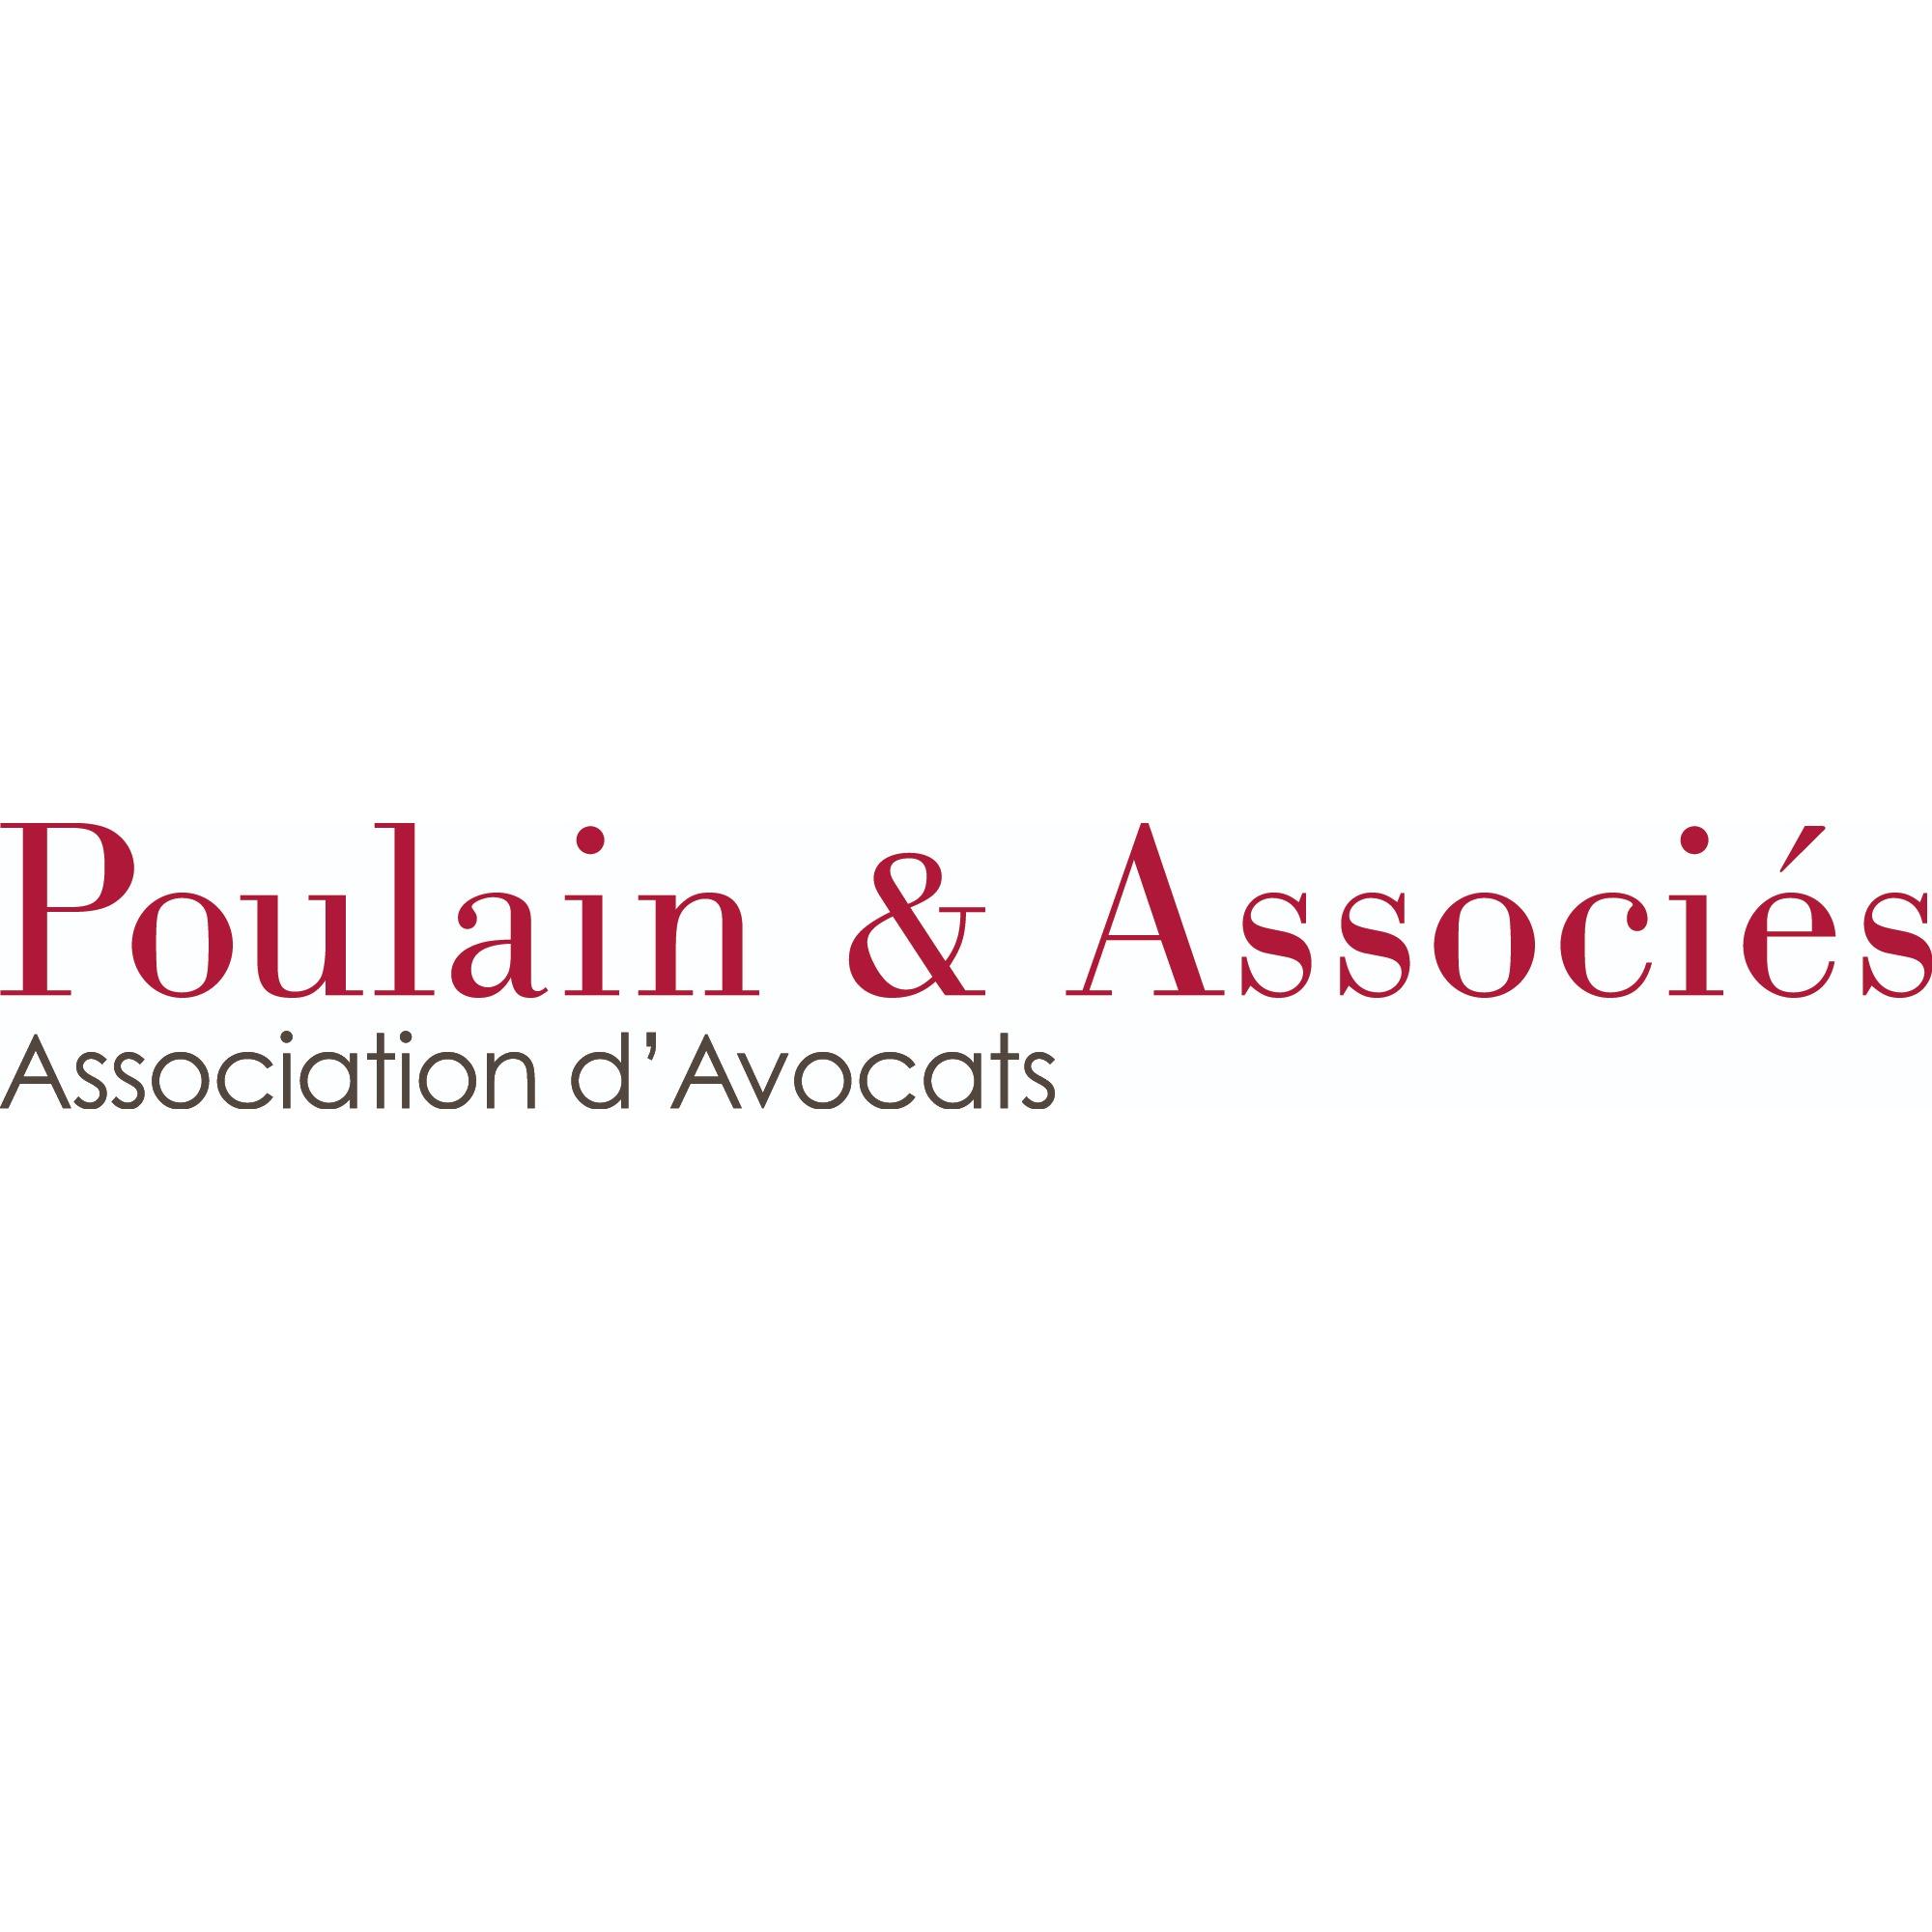 the Poulain & Associés logo.